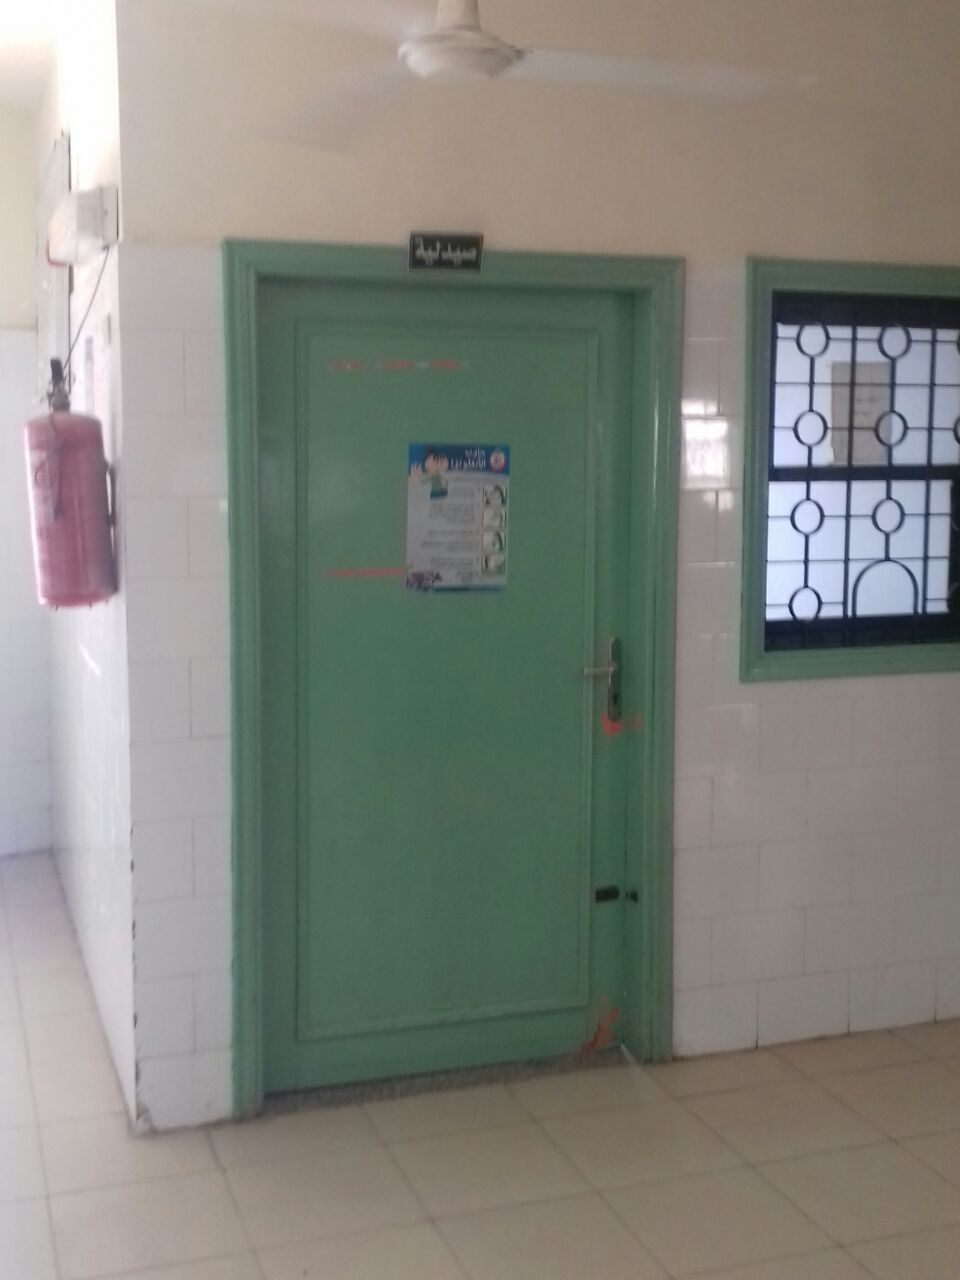 بالصور.. مواطن لوزير الصحة بعد فشله في العثور على اللبن المدعم: الوحدة الصحية مهجورة